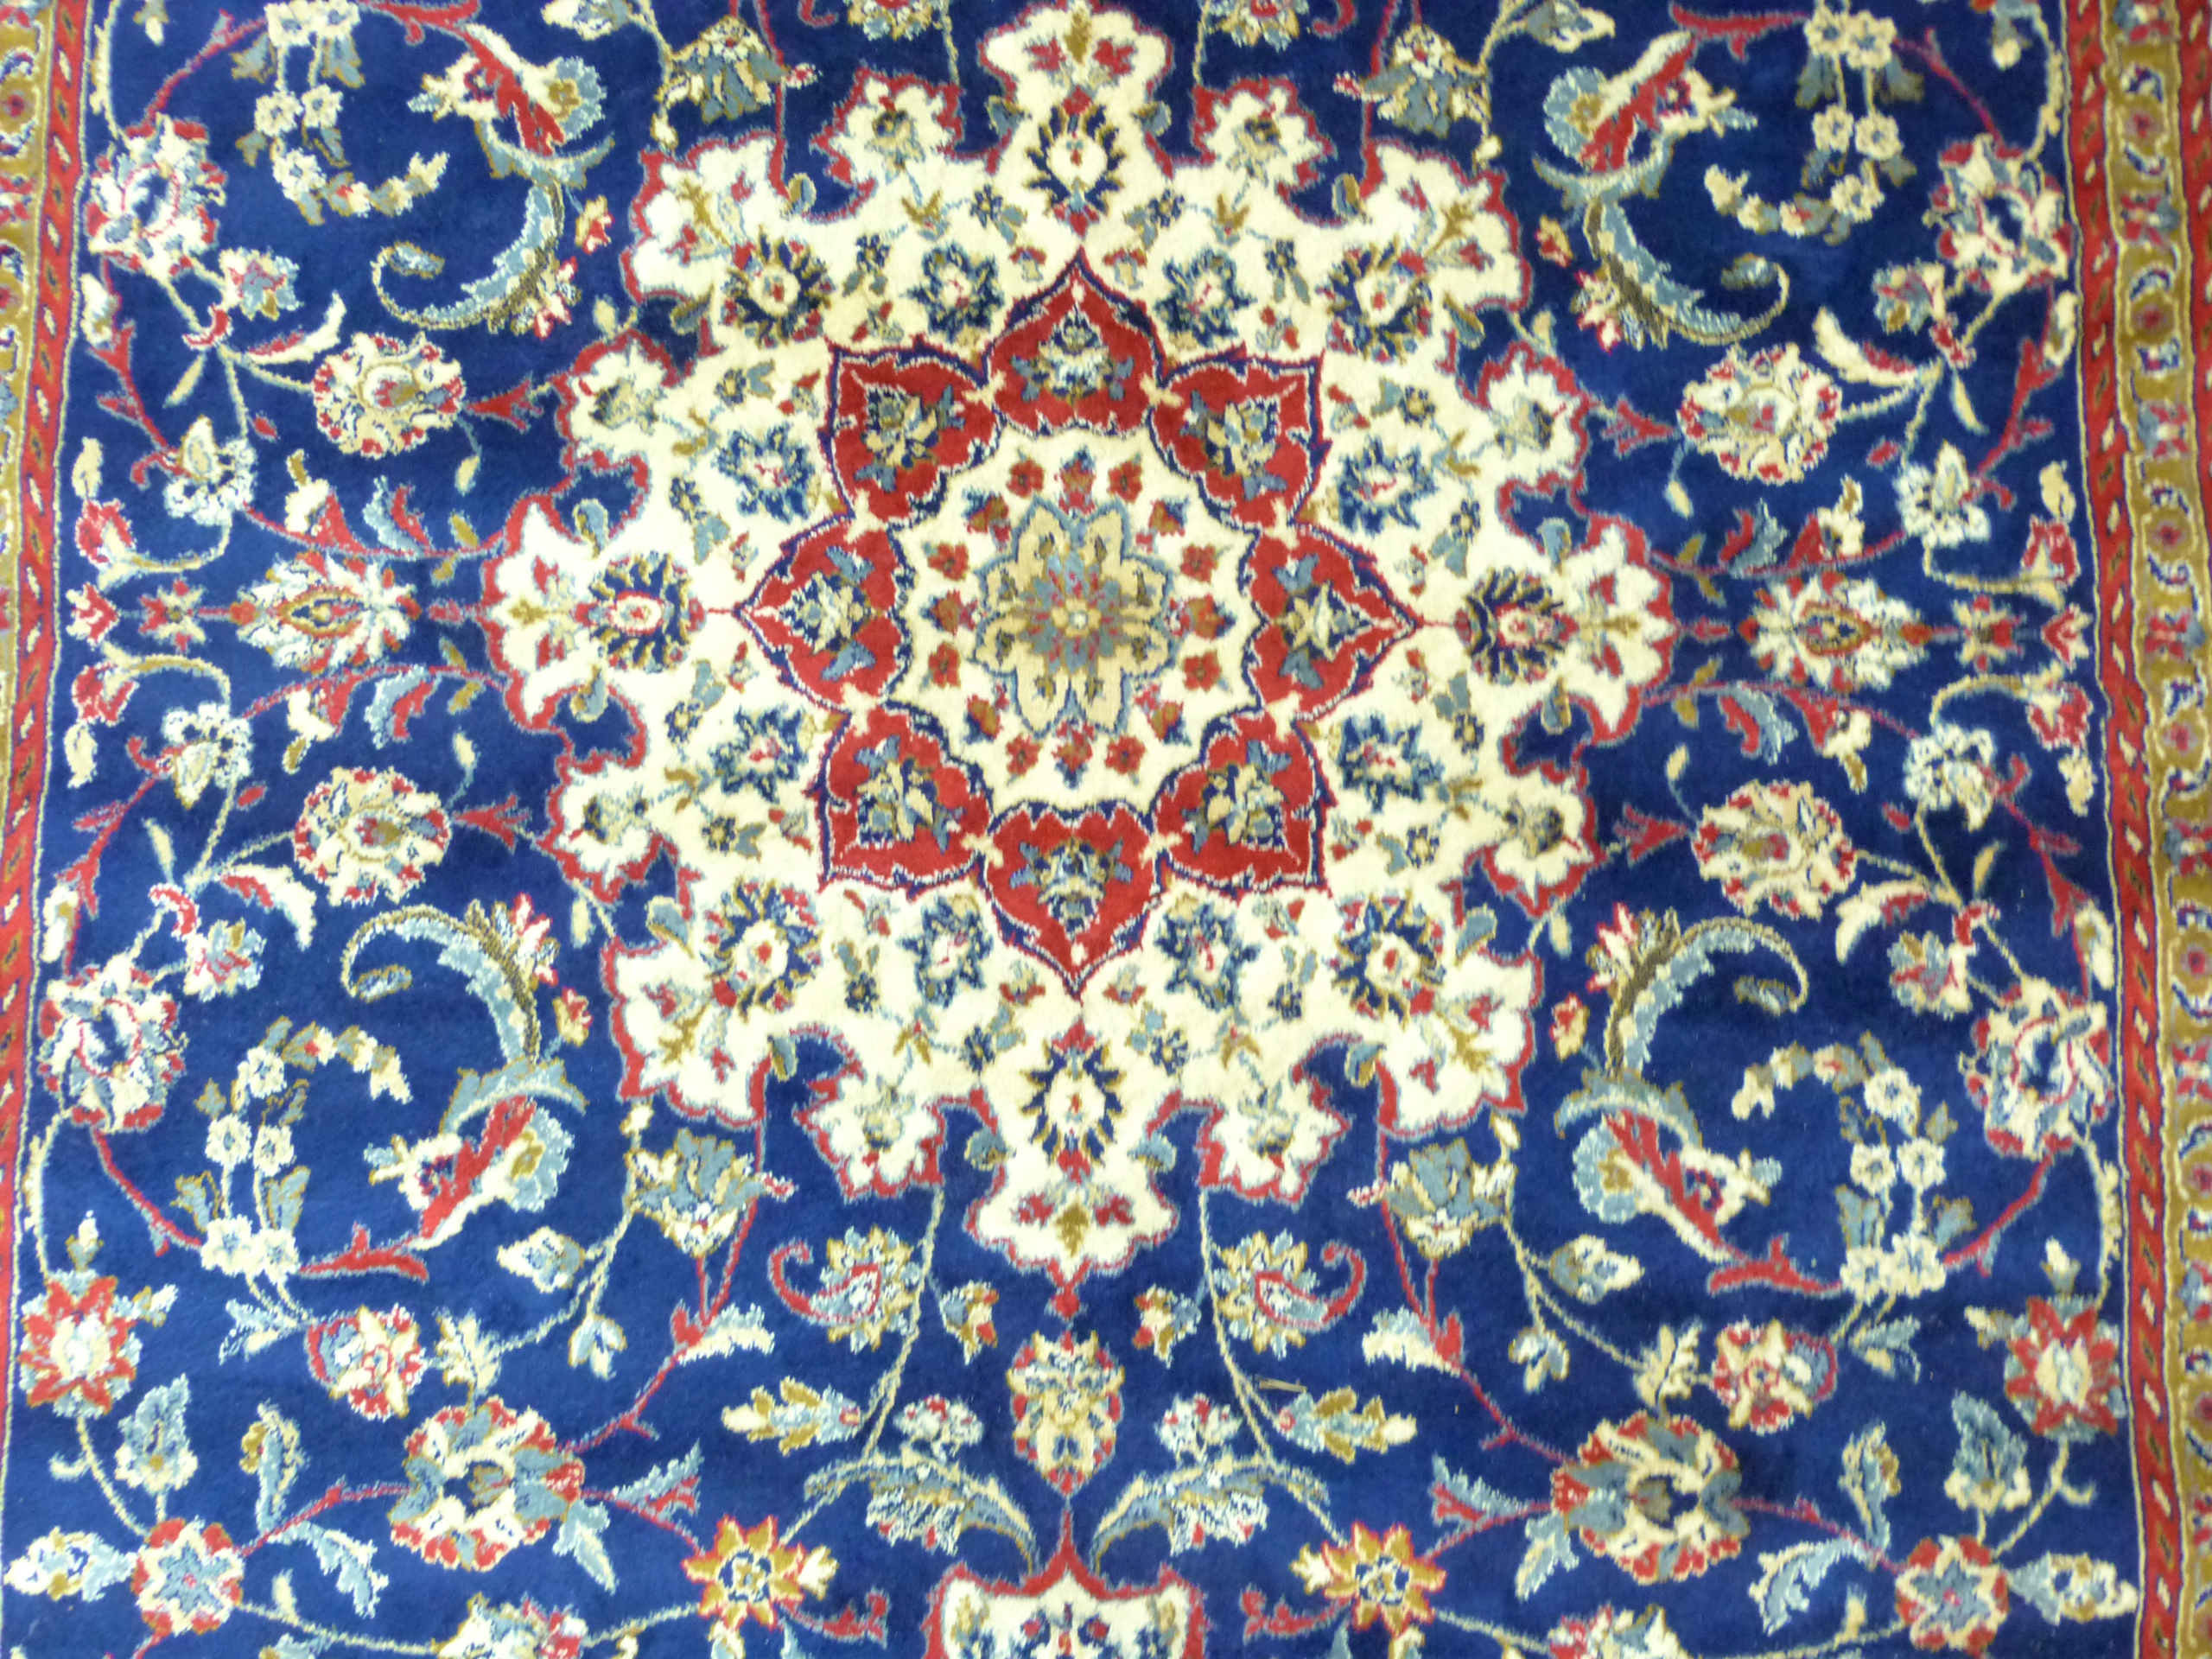 Rich blue ground full pile Kashmir Charbass medallion design 240cm x 156cm - Image 3 of 6